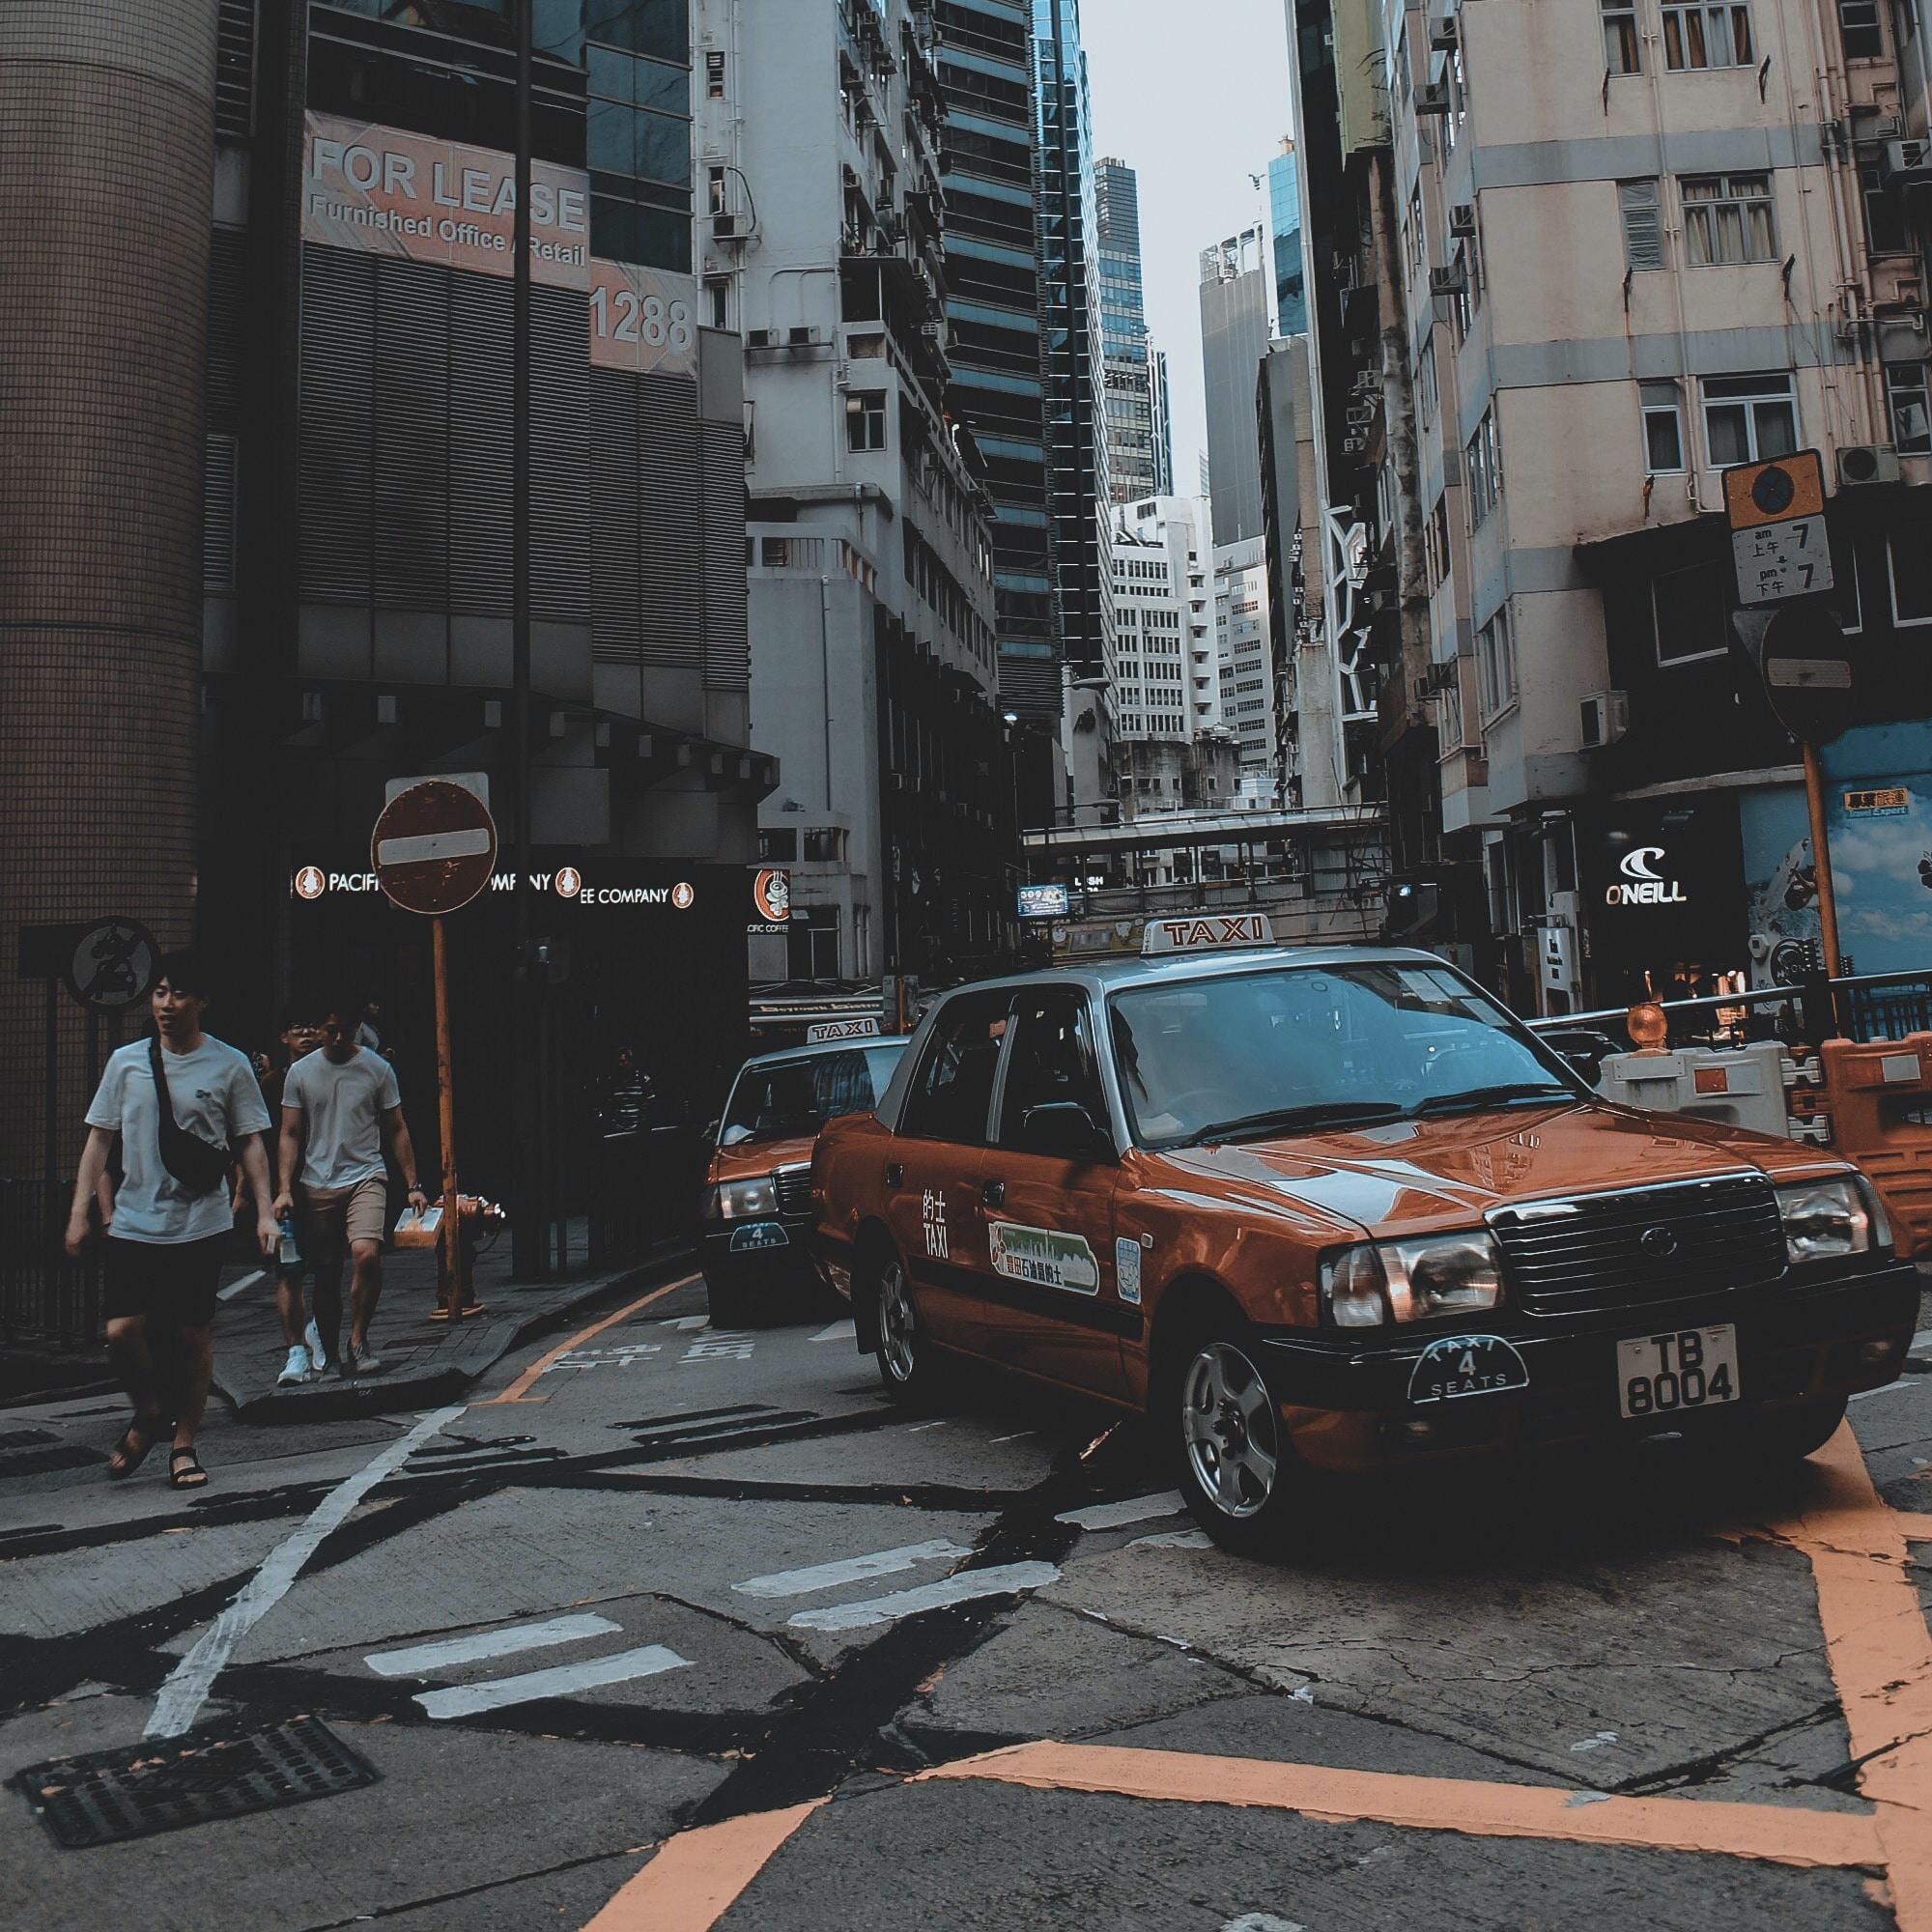 brown car beside man walking in street during daytime